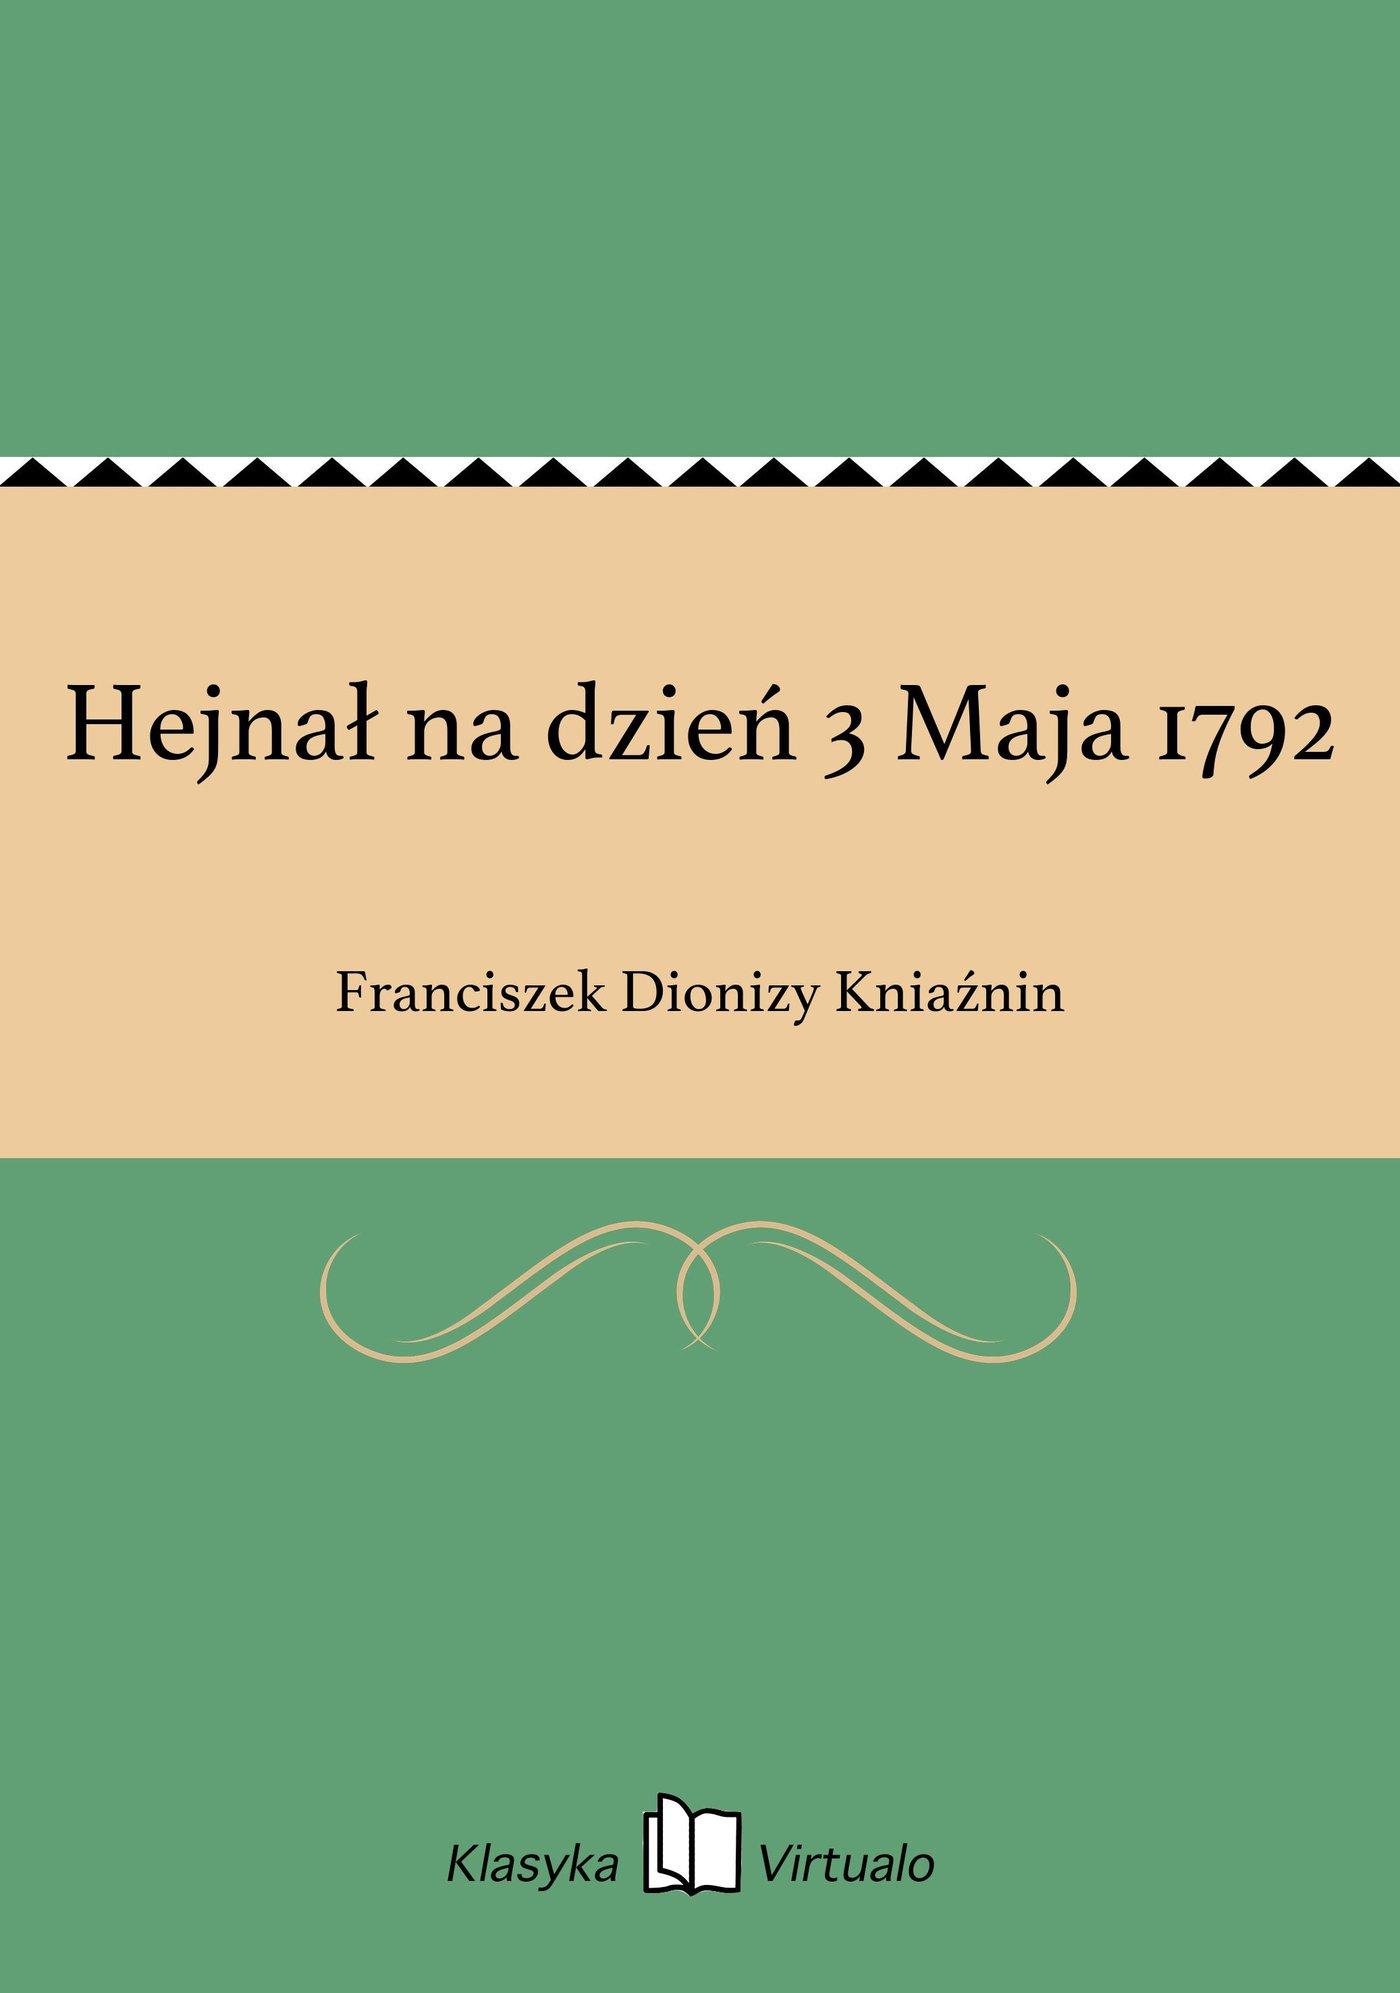 Hejnał na dzień 3 Maja 1792 - Ebook (Książka EPUB) do pobrania w formacie EPUB